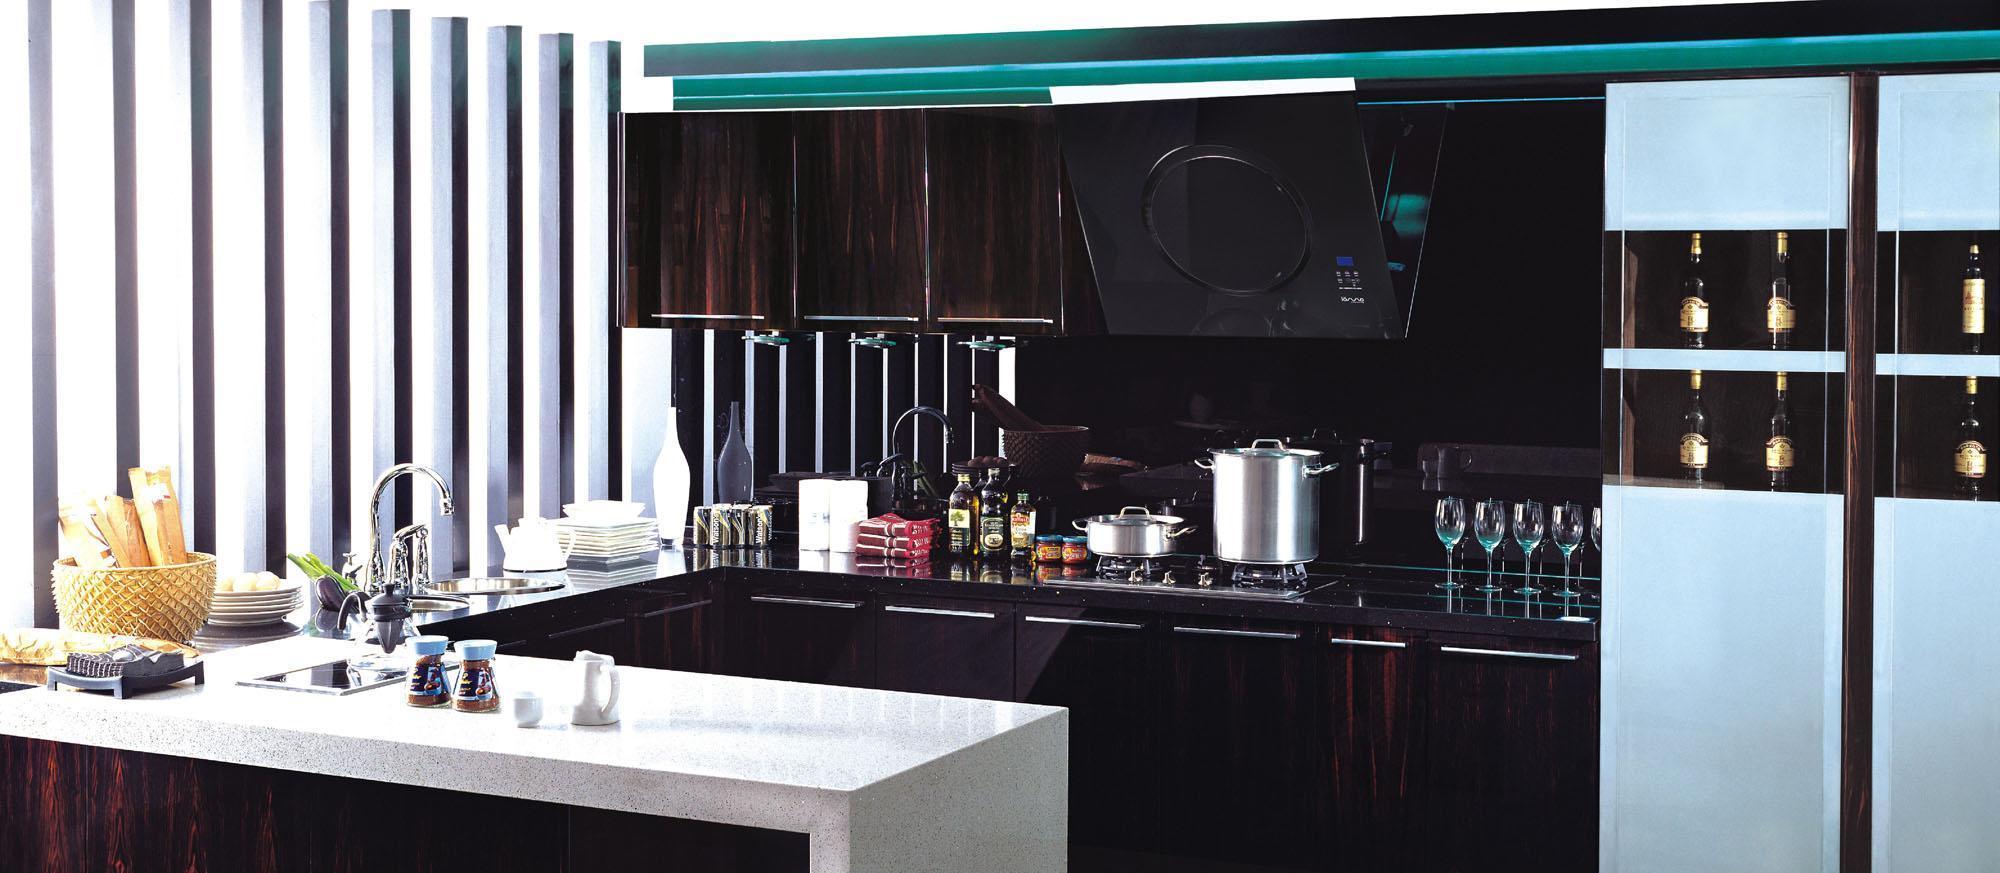 蓝谷智能厨房别墅至尊系列LS-5001 G型开放式LDKLS-5001 G型